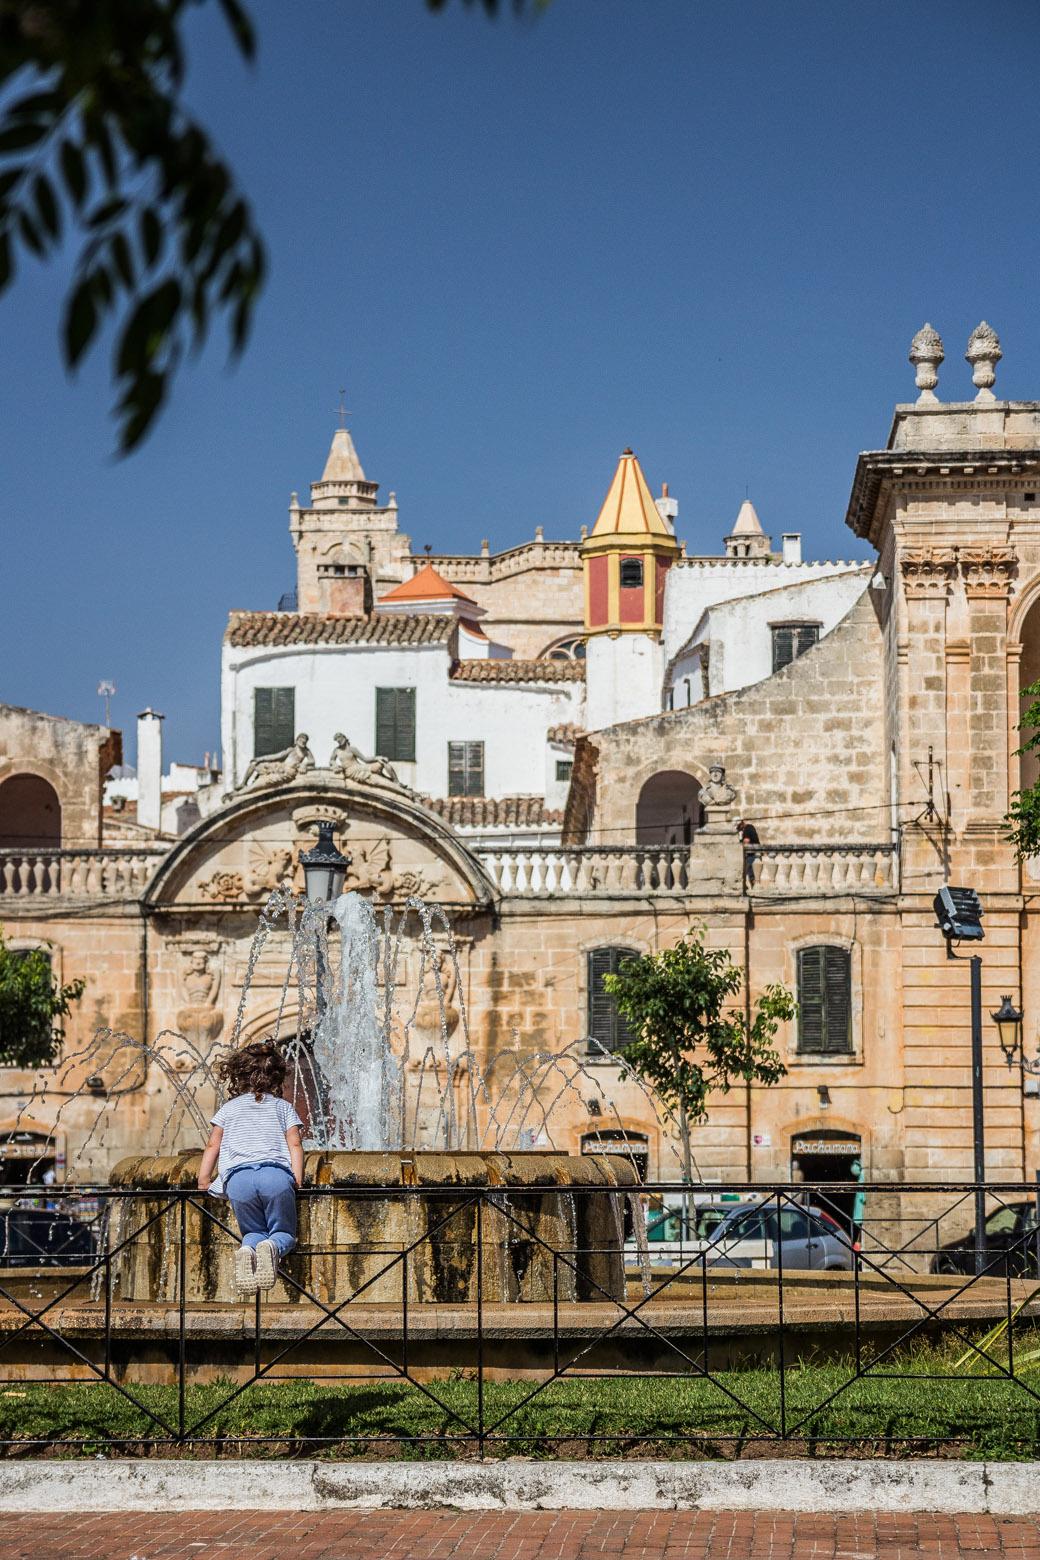 Der Platz um den Springbrunnen ist zur Siesta mit Einheimischen gefüllt.